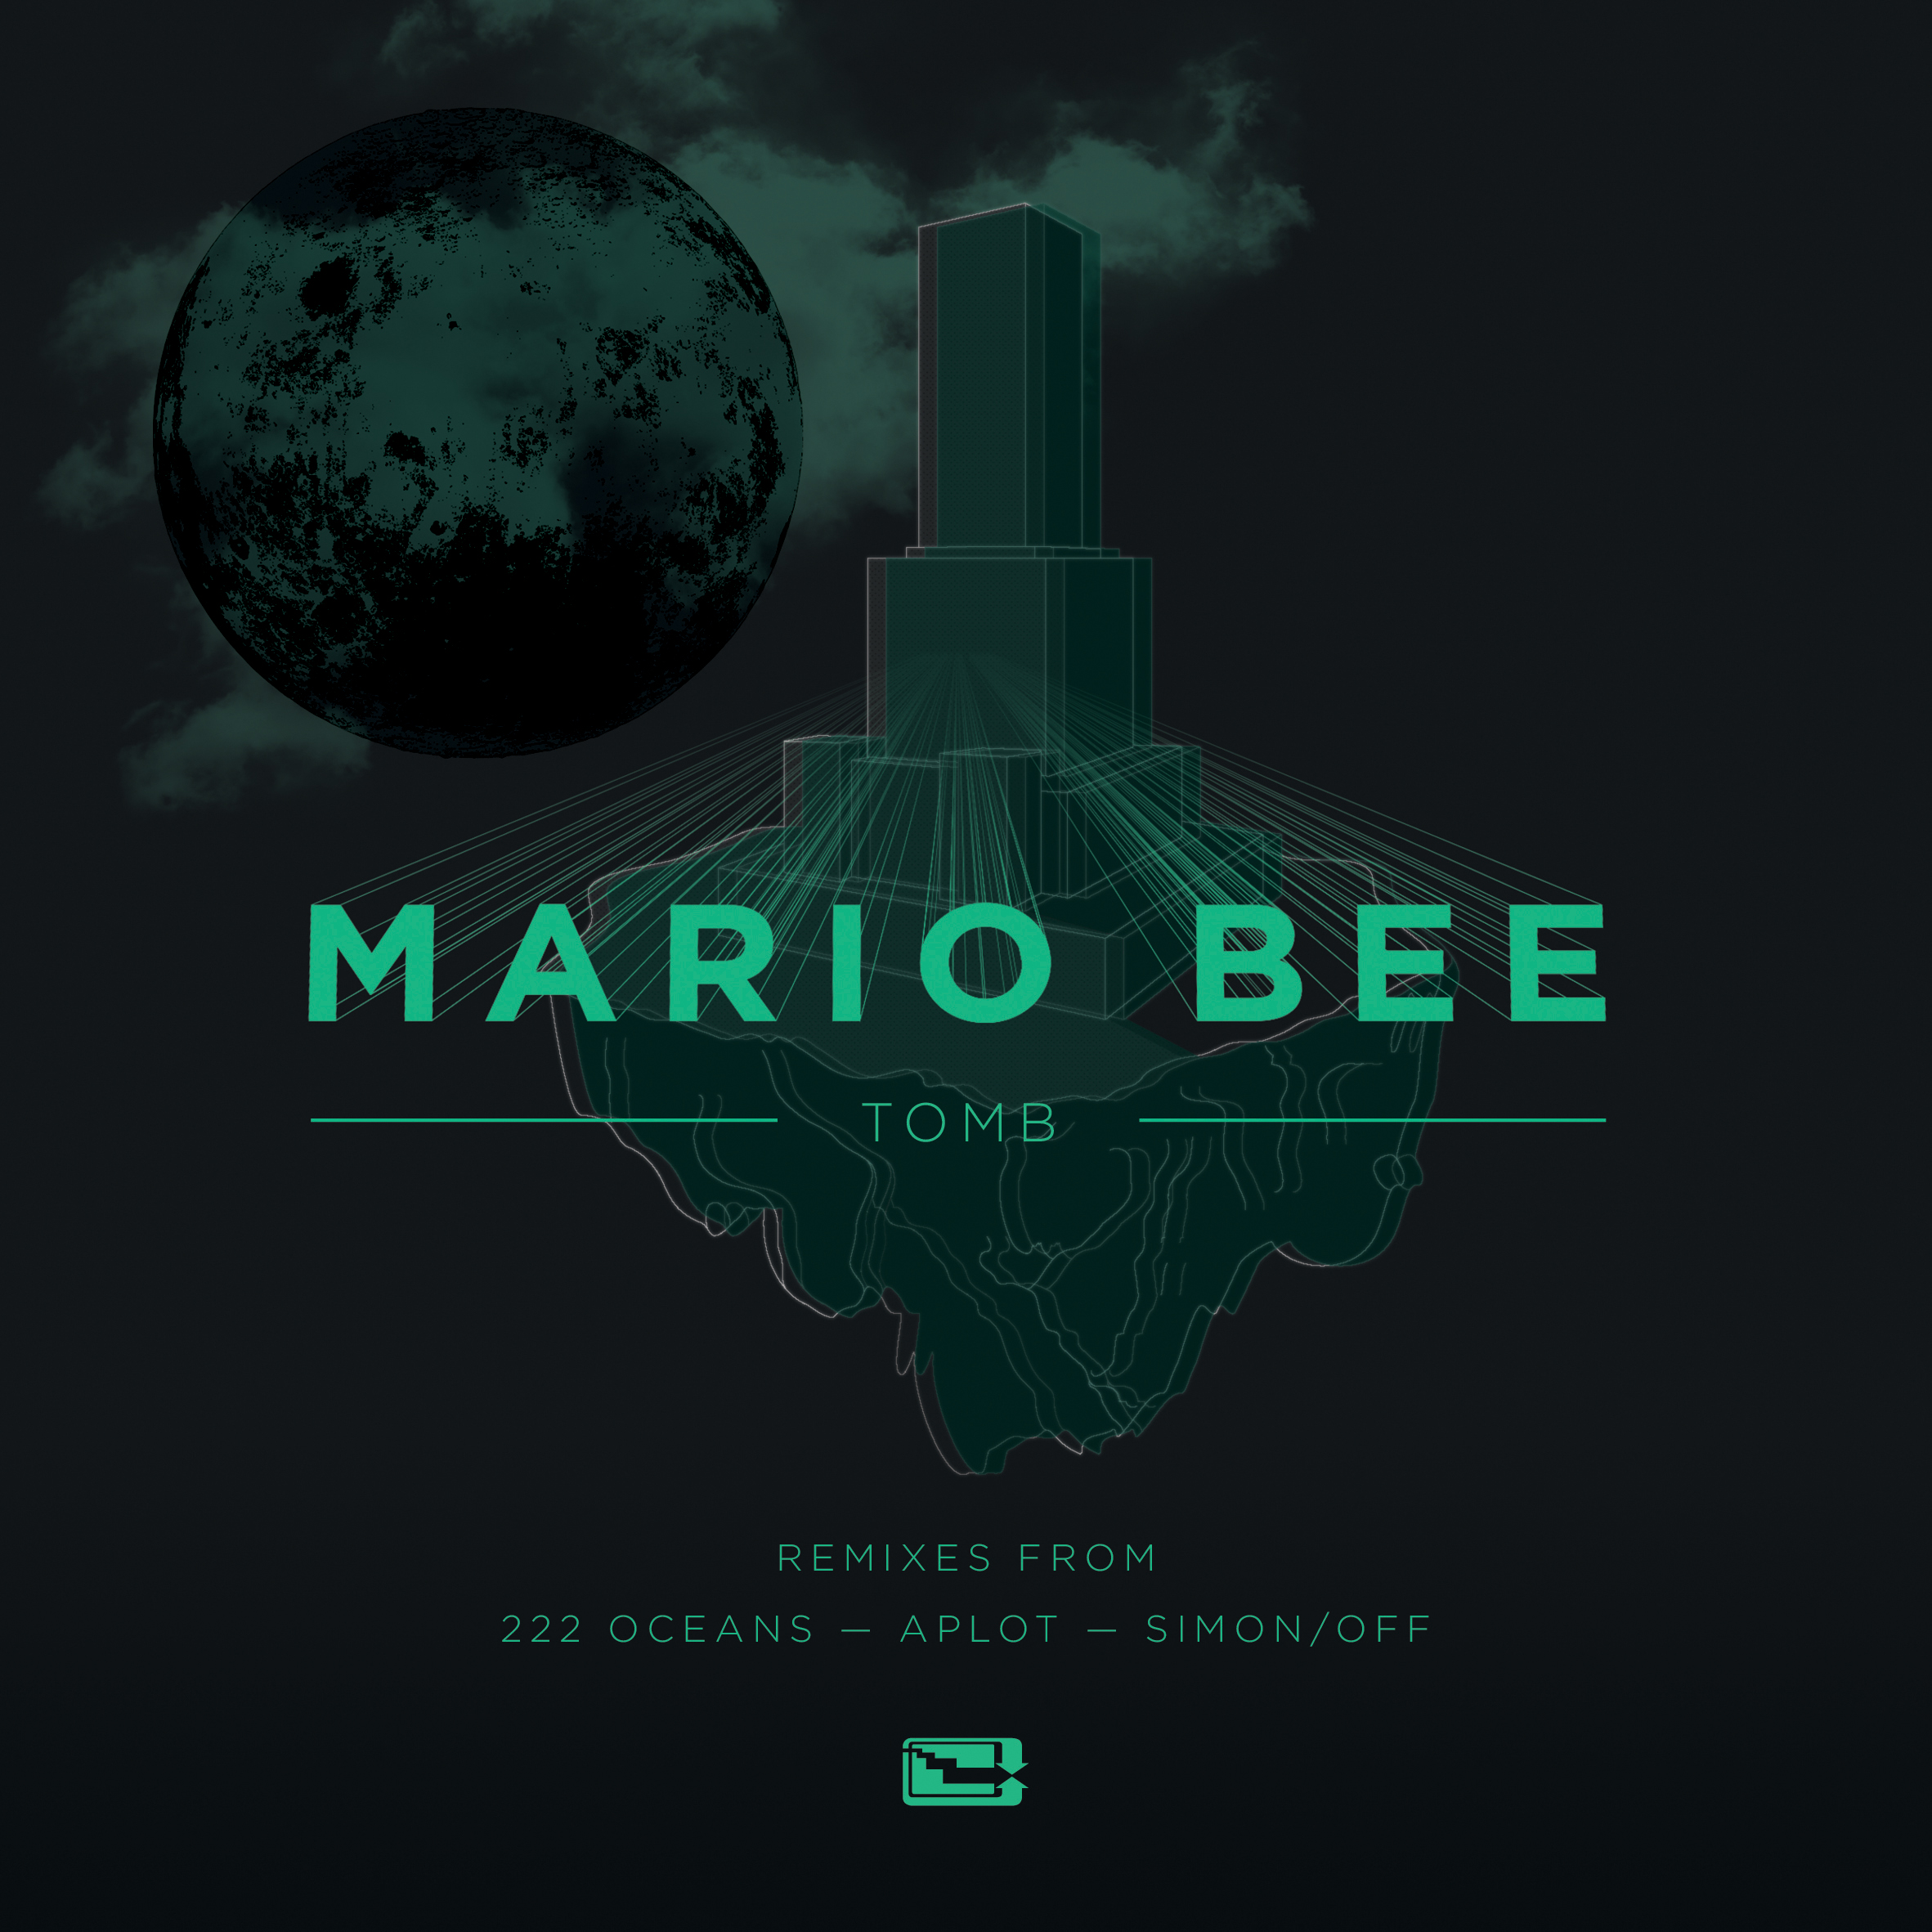 mariobee_EP_cover_HQ.jpg